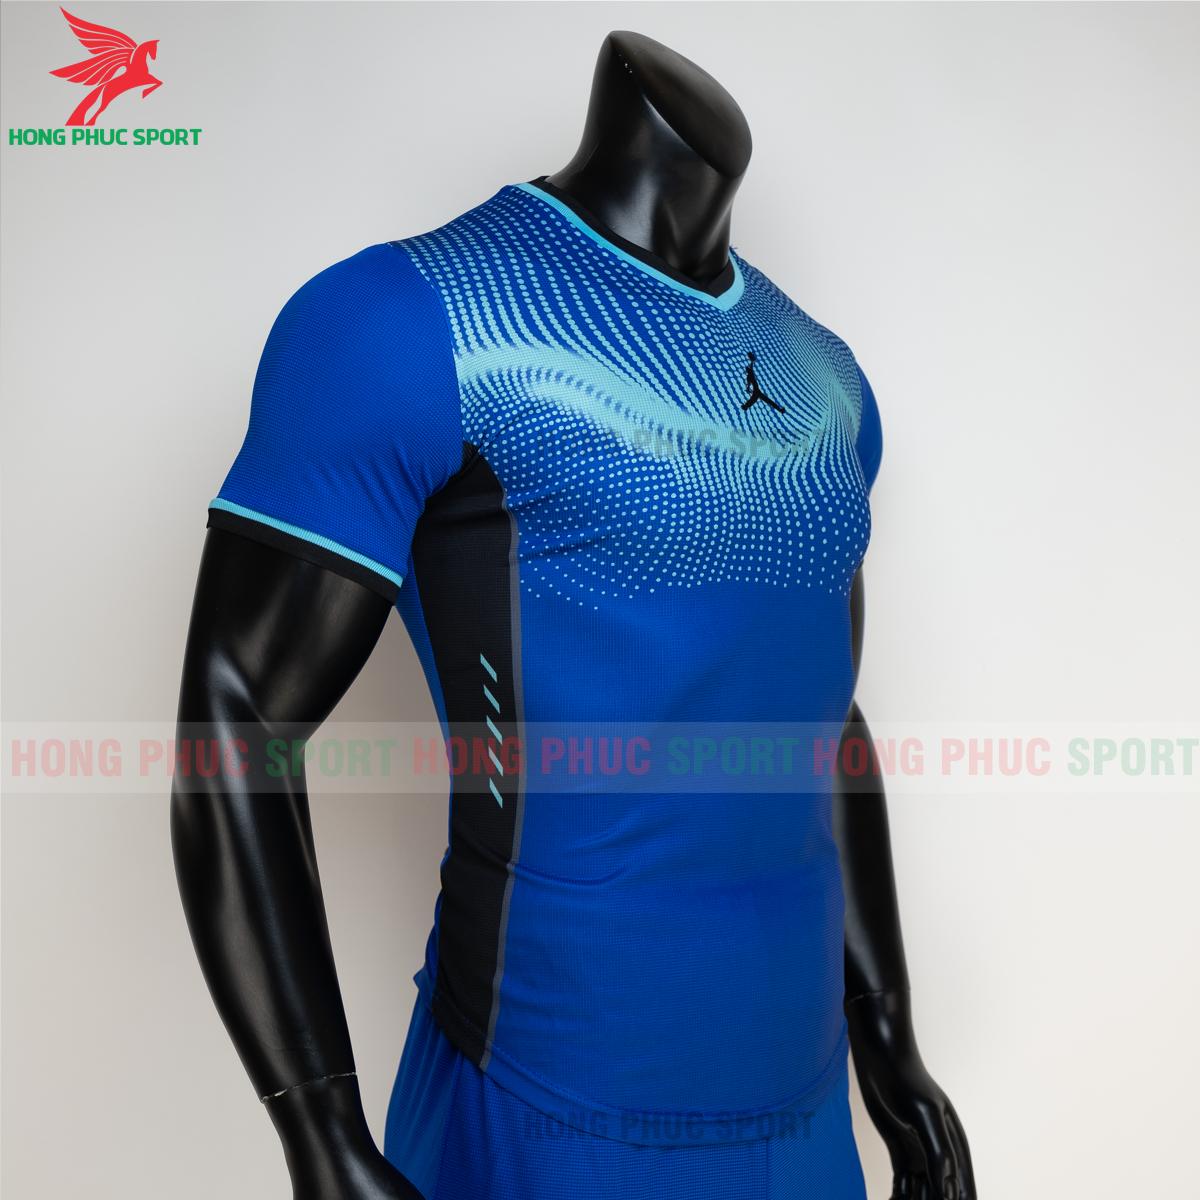 https://cdn.hongphucsport.com/unsafe/s4.shopbay.vn/files/285/ao-bong-chuyen-khong-logo-jordan-wave-mau-xanh-duong-5-605021c21a56a.png